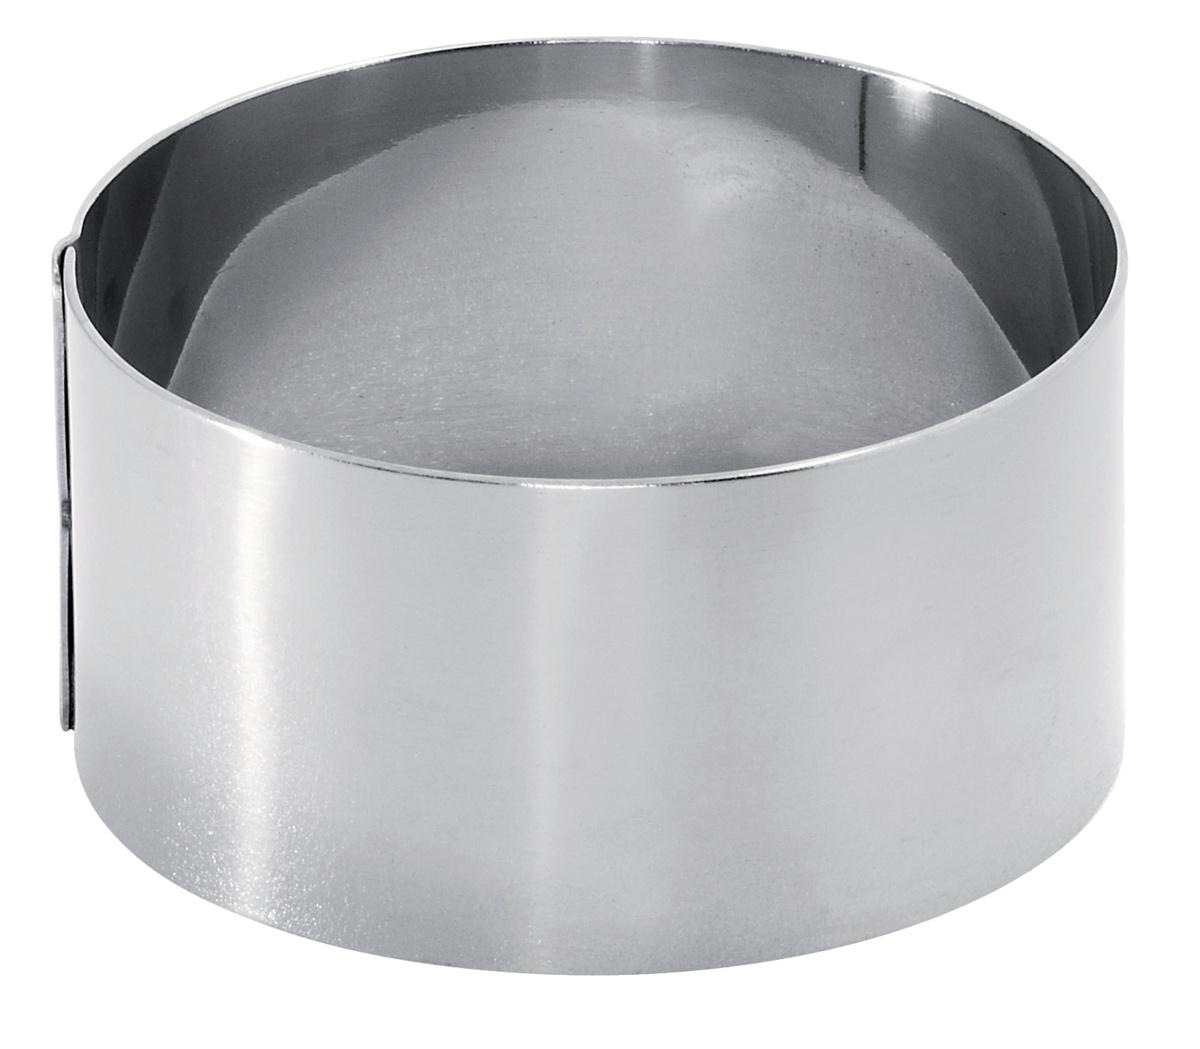 Cercle à mousse inox Ø 7,50 cm